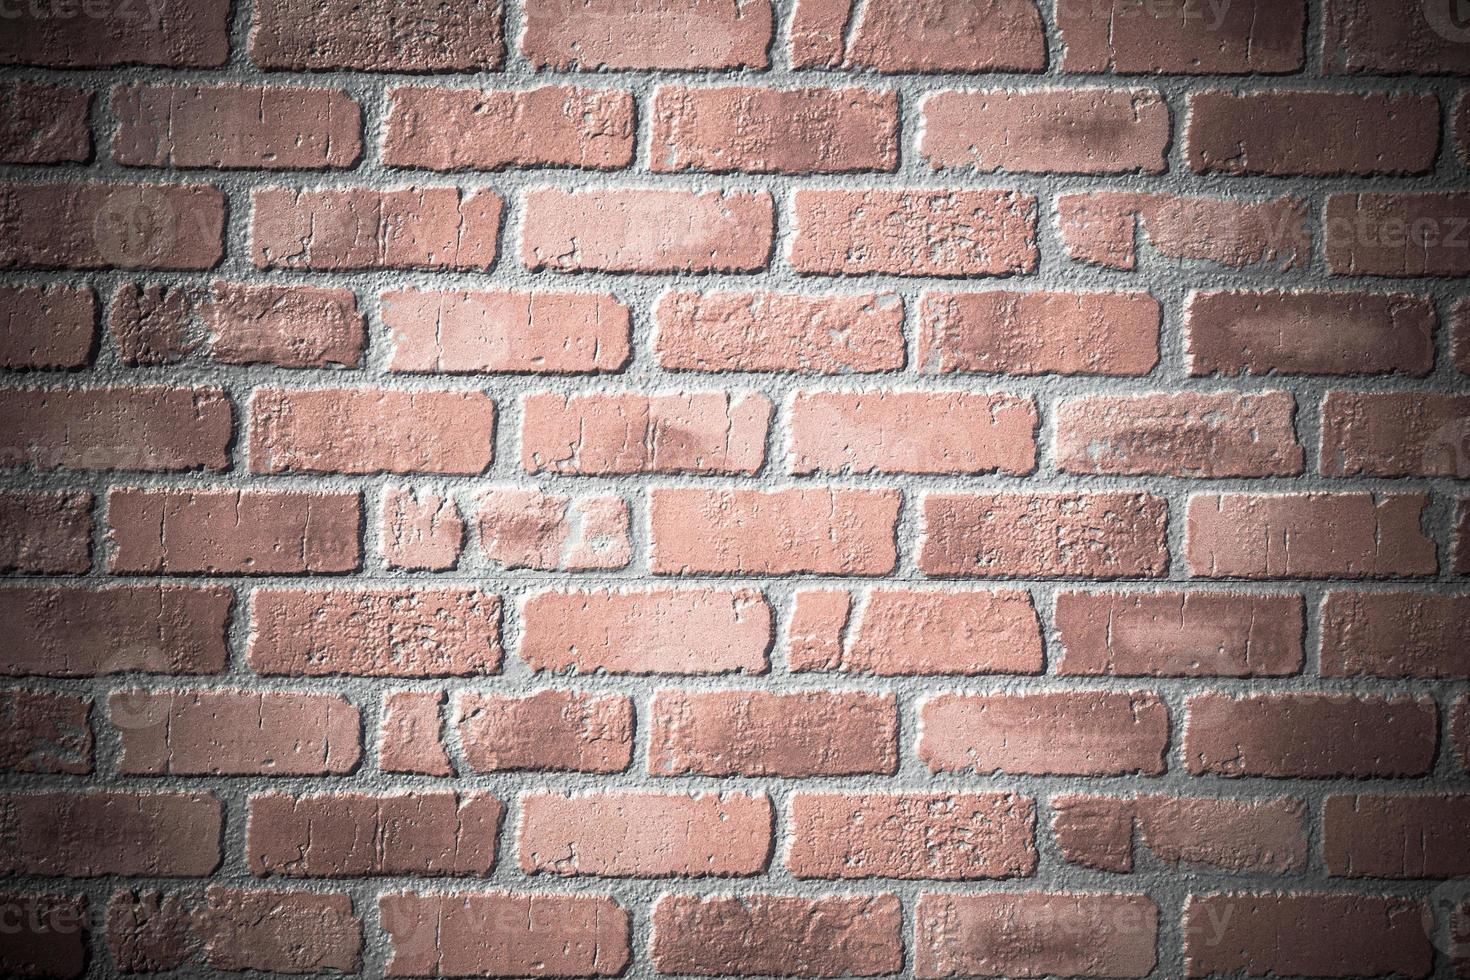 alte Backsteinmauer Textur foto